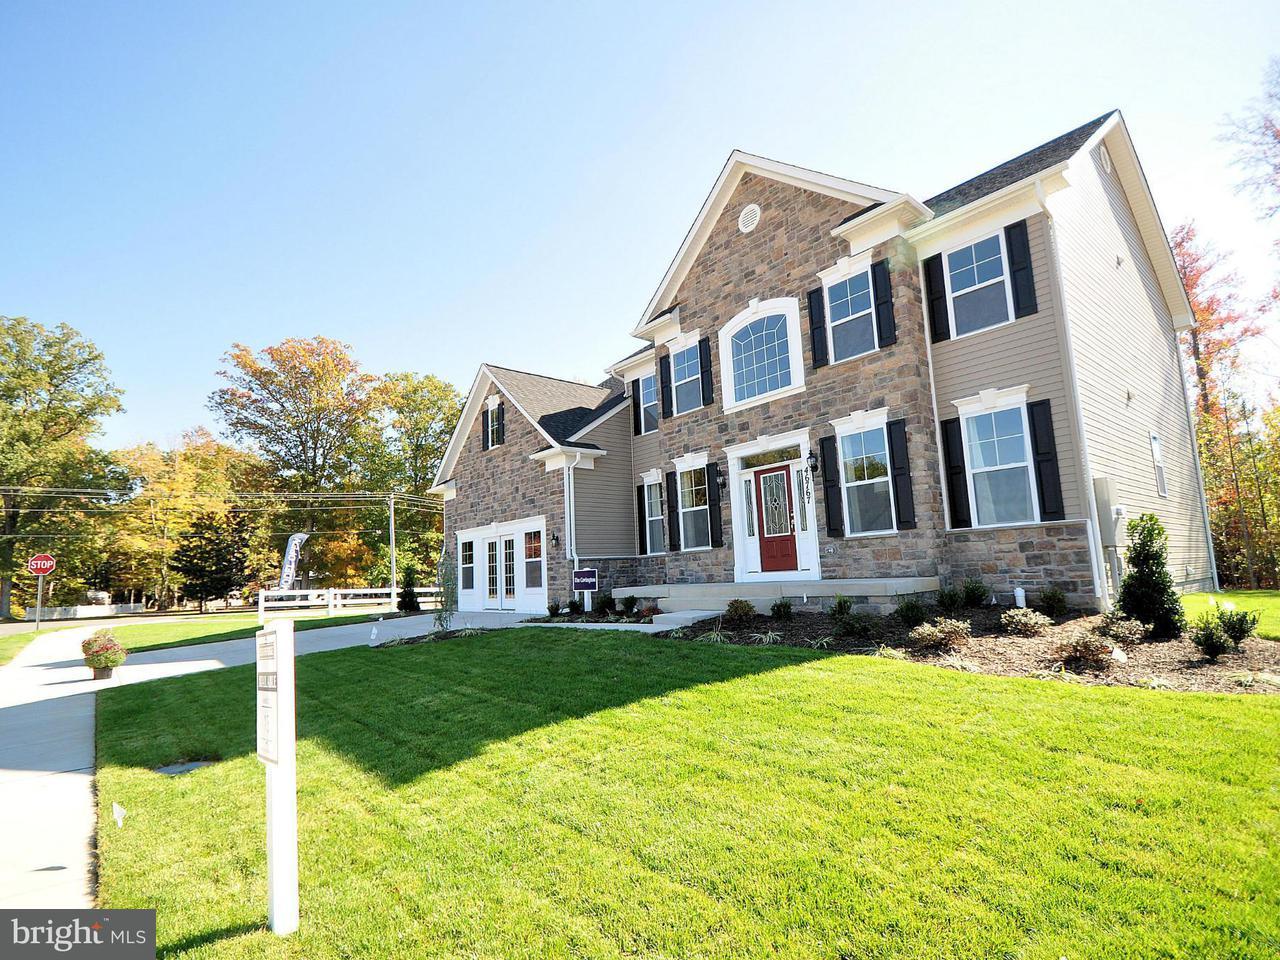 一戸建て のために 売買 アット 46767 AL MAR Street 46767 AL MAR Street Lexington Park, メリーランド 20653 アメリカ合衆国